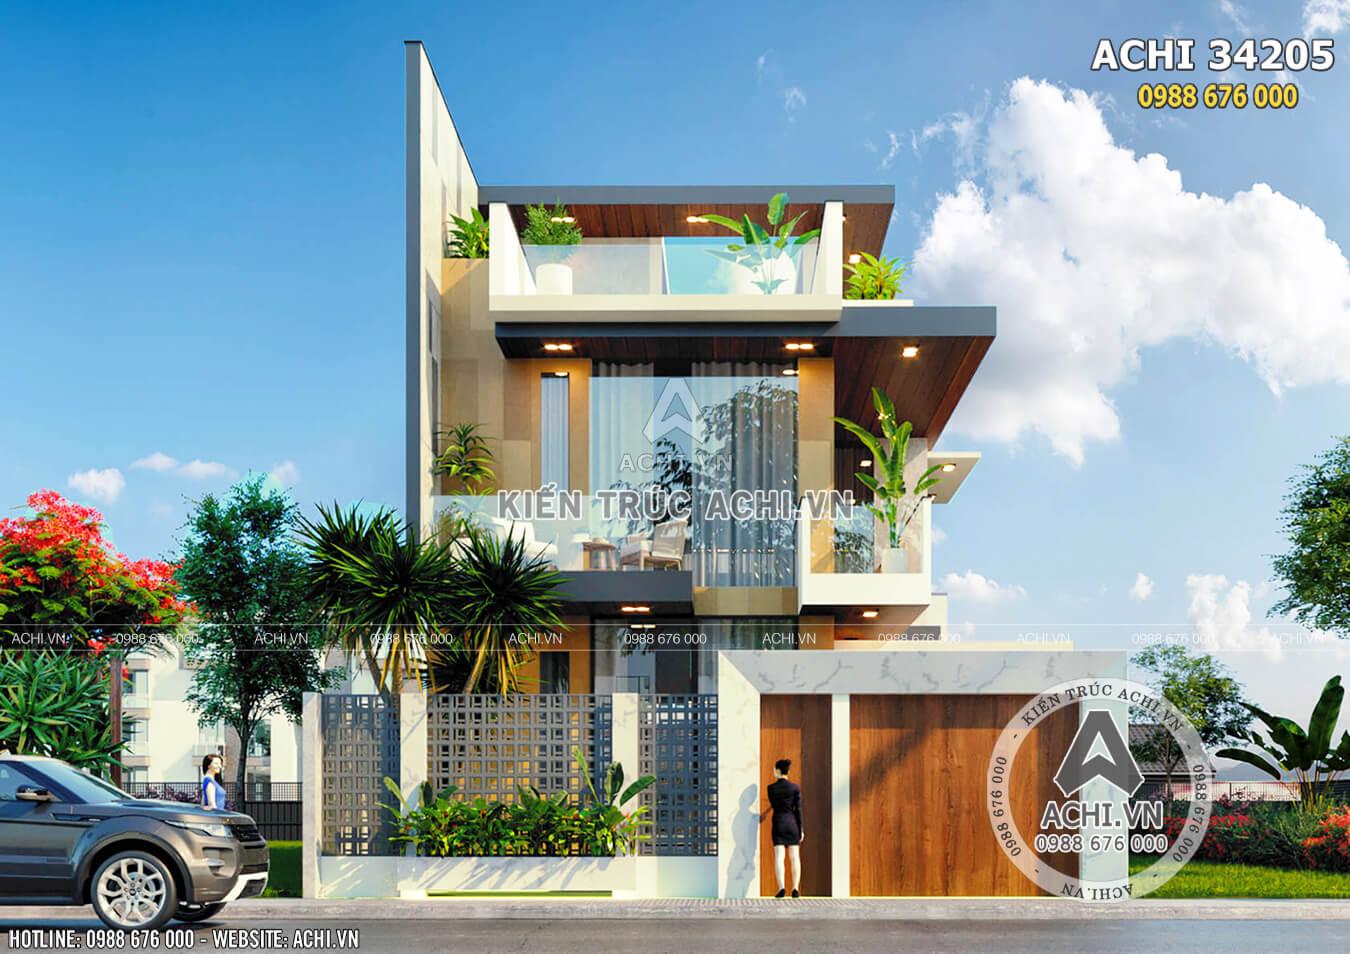 Mặt tiền mẫu nhà 3 tầng hiện đại đẹp tại Ninh Thuận